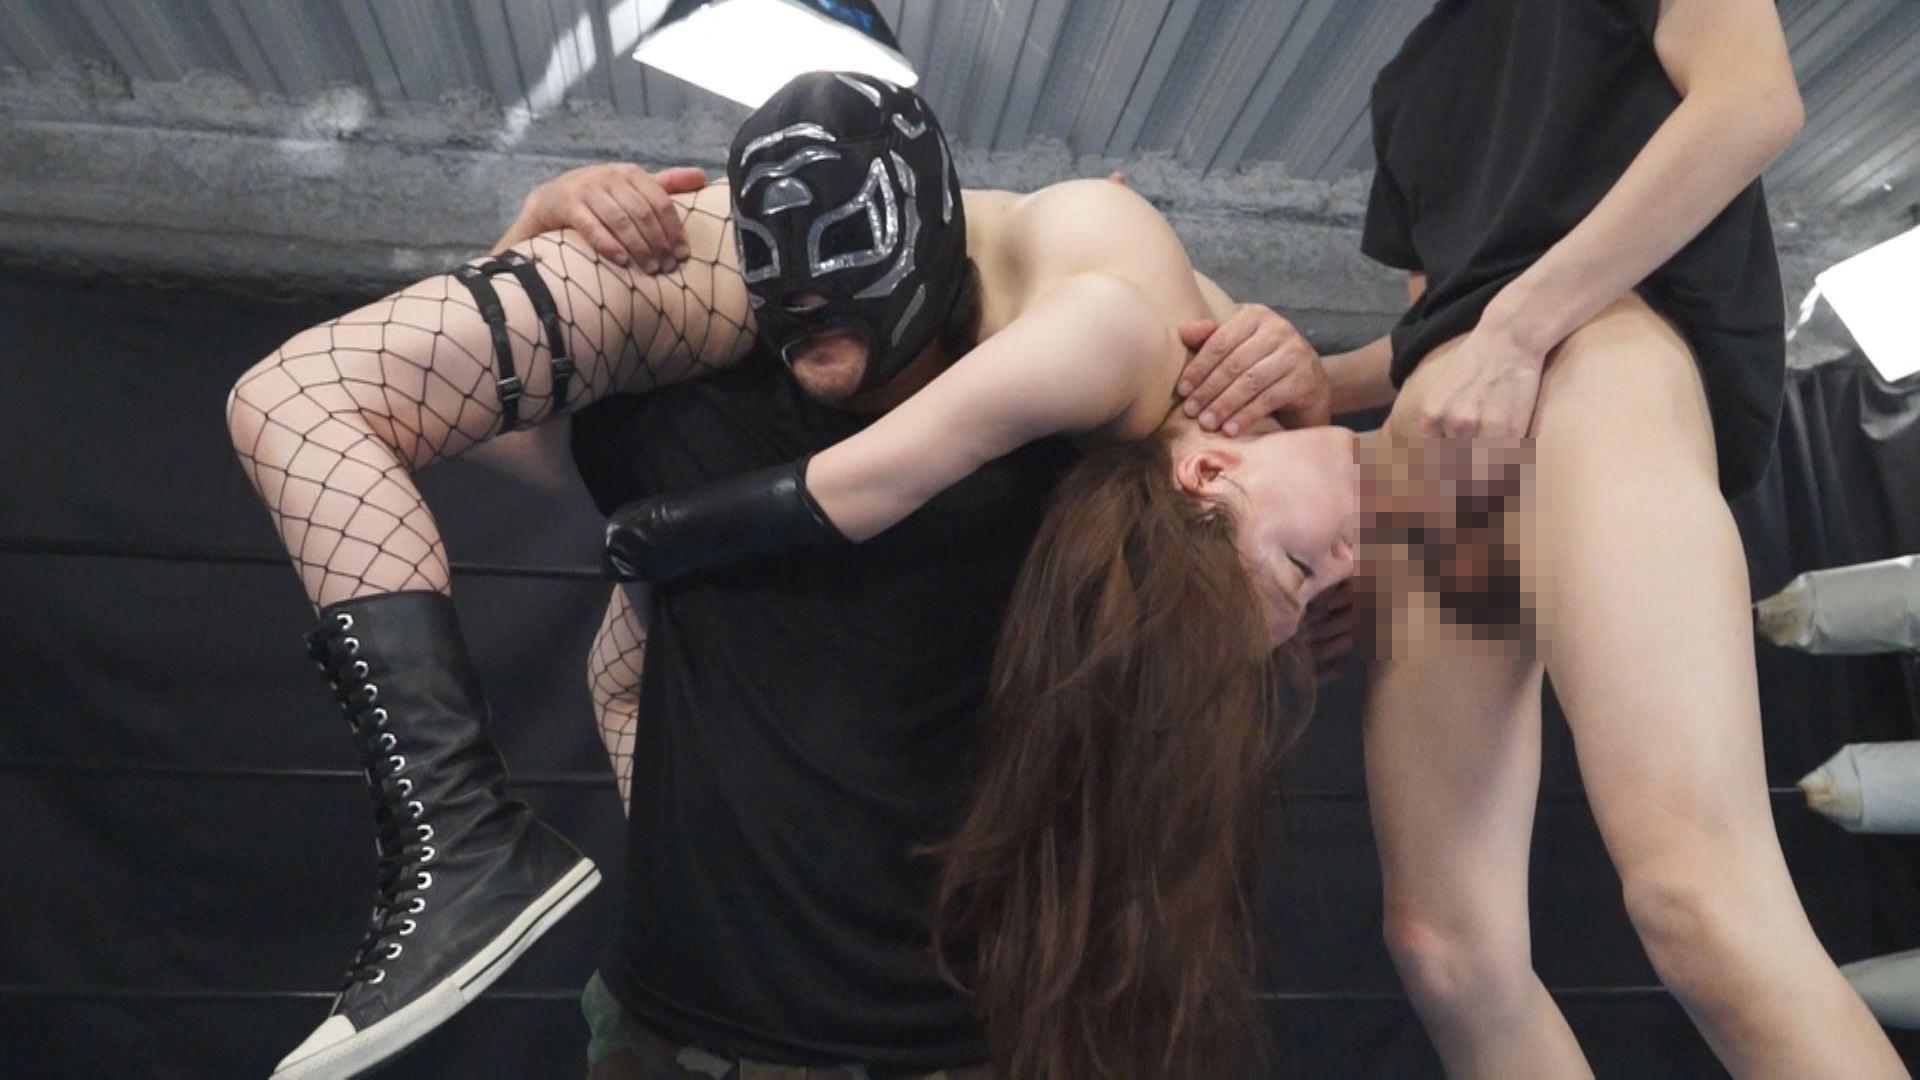 DESTROY女子プロレスラー破壊 #0005 サンプル画像09